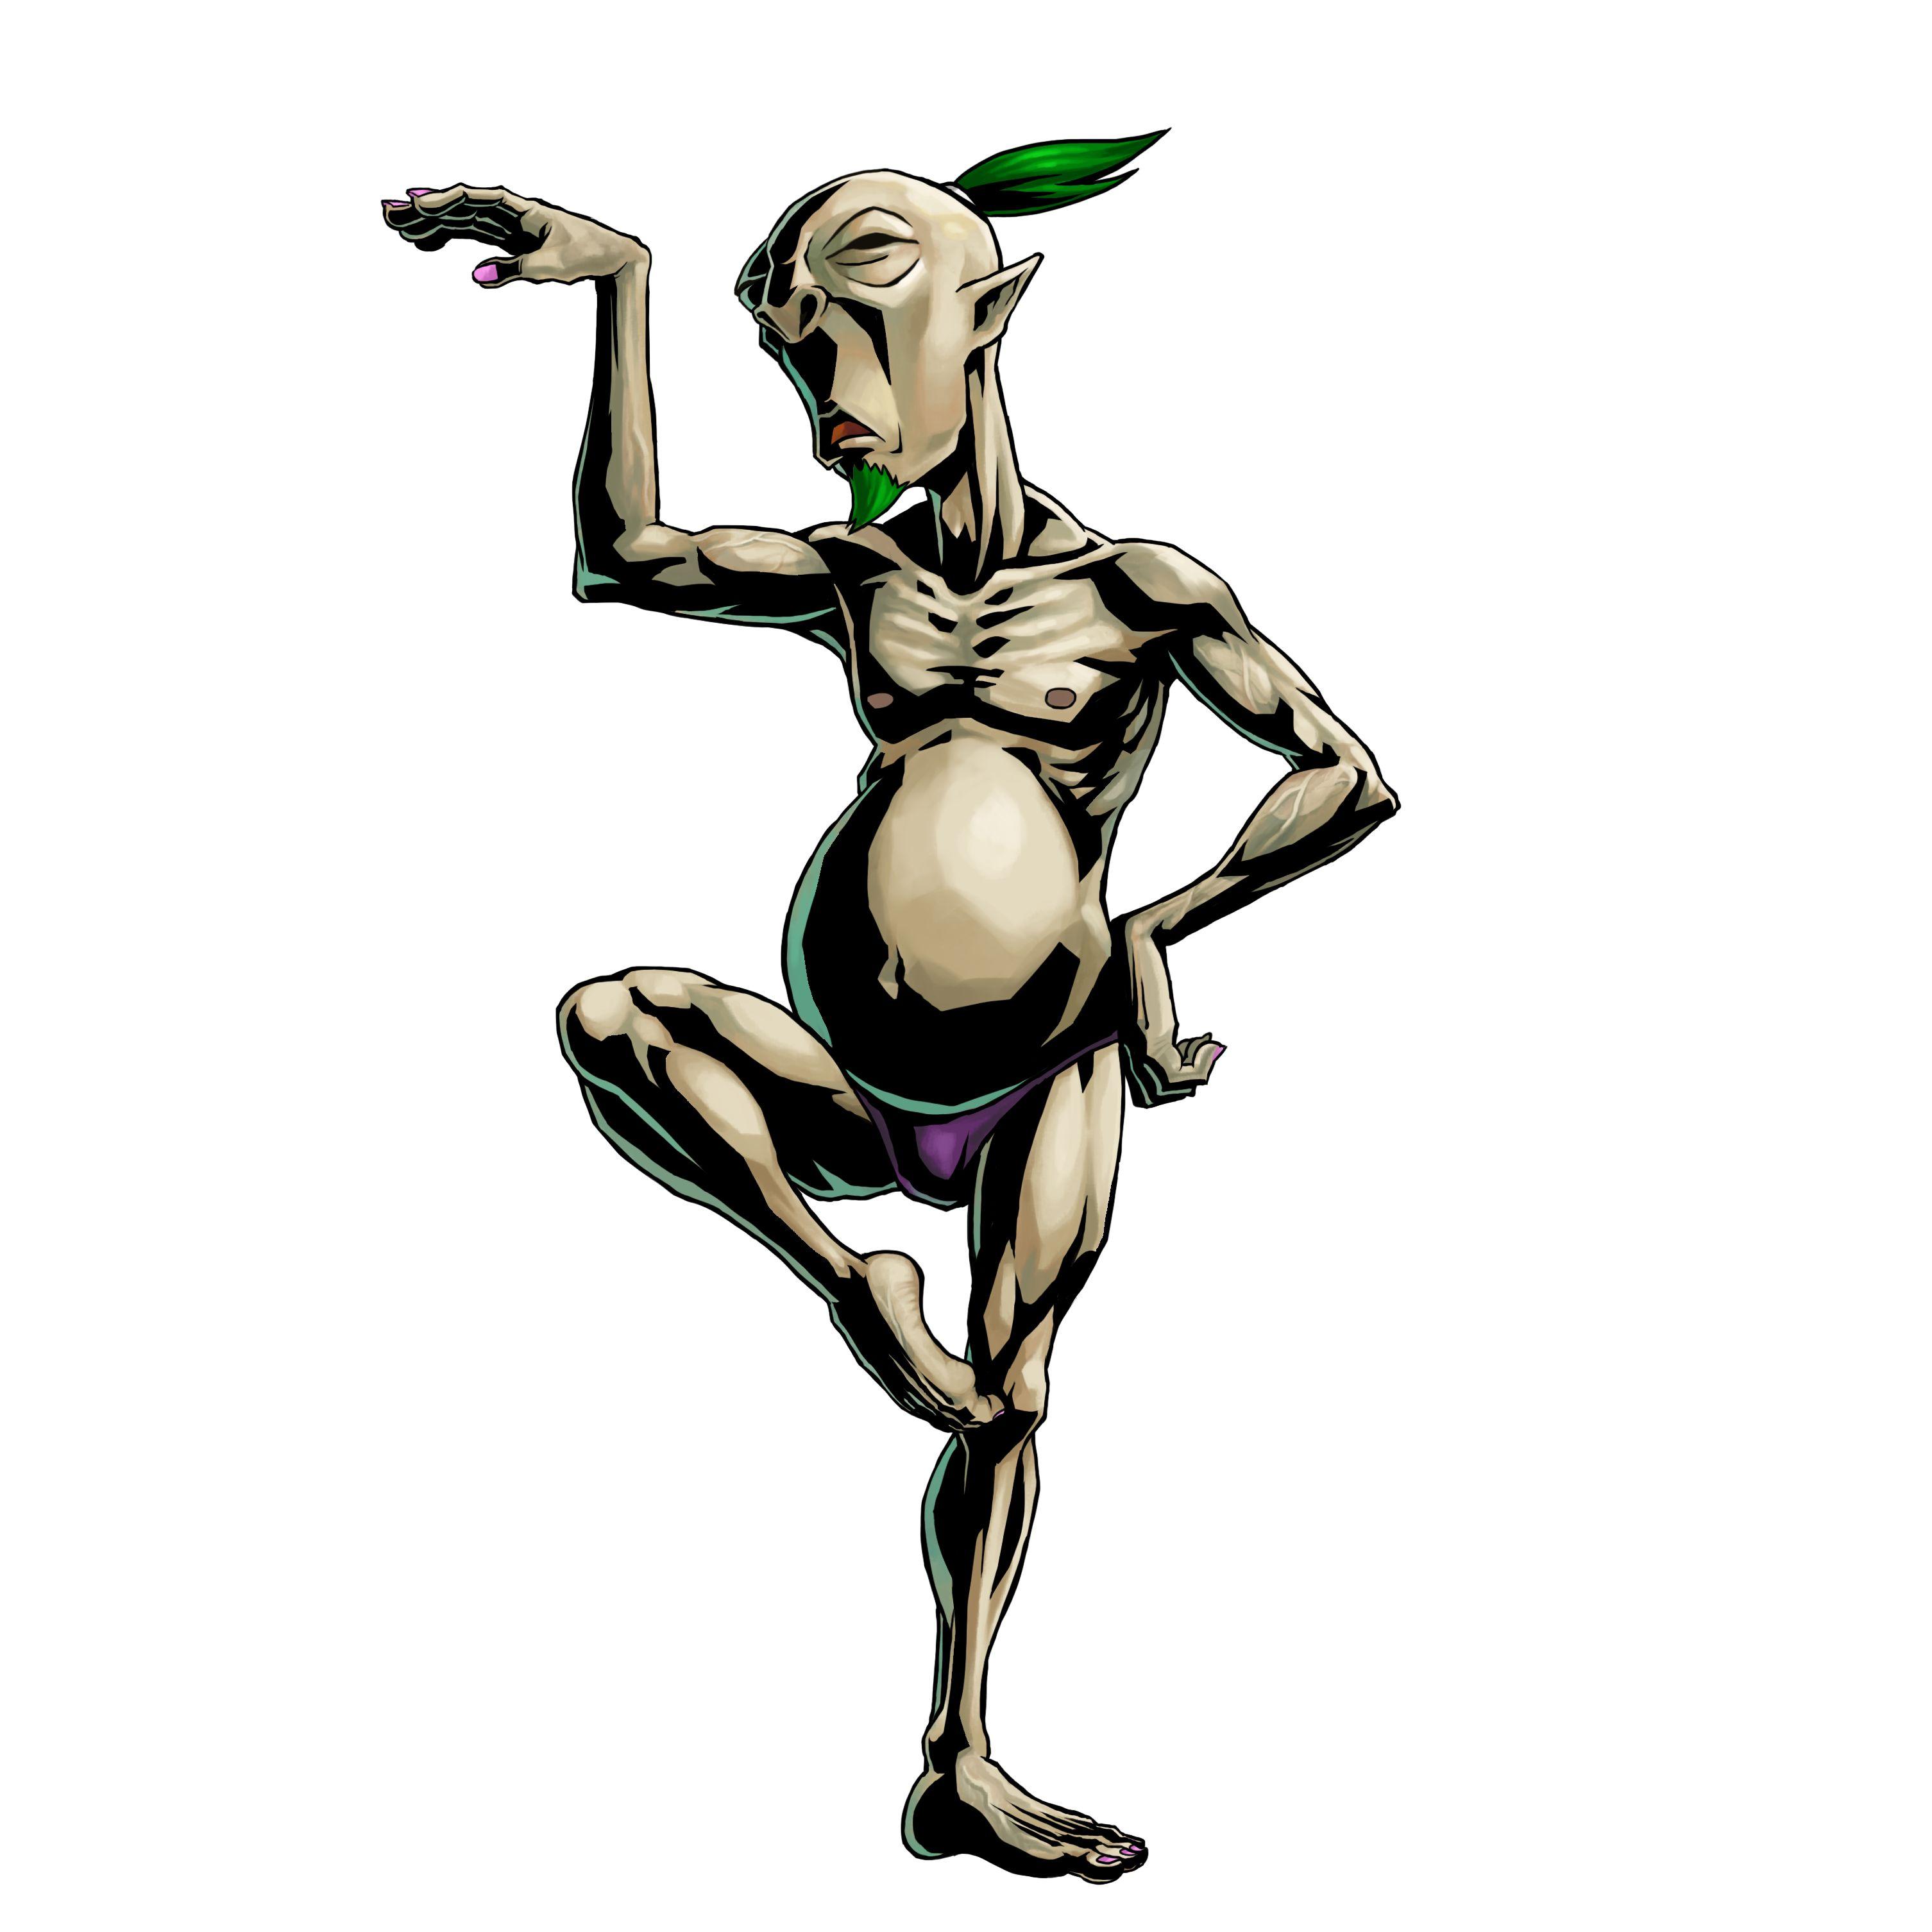 Legend of Zelda: Majora's Mask 3D - Artwork - Kamaro | Art ...